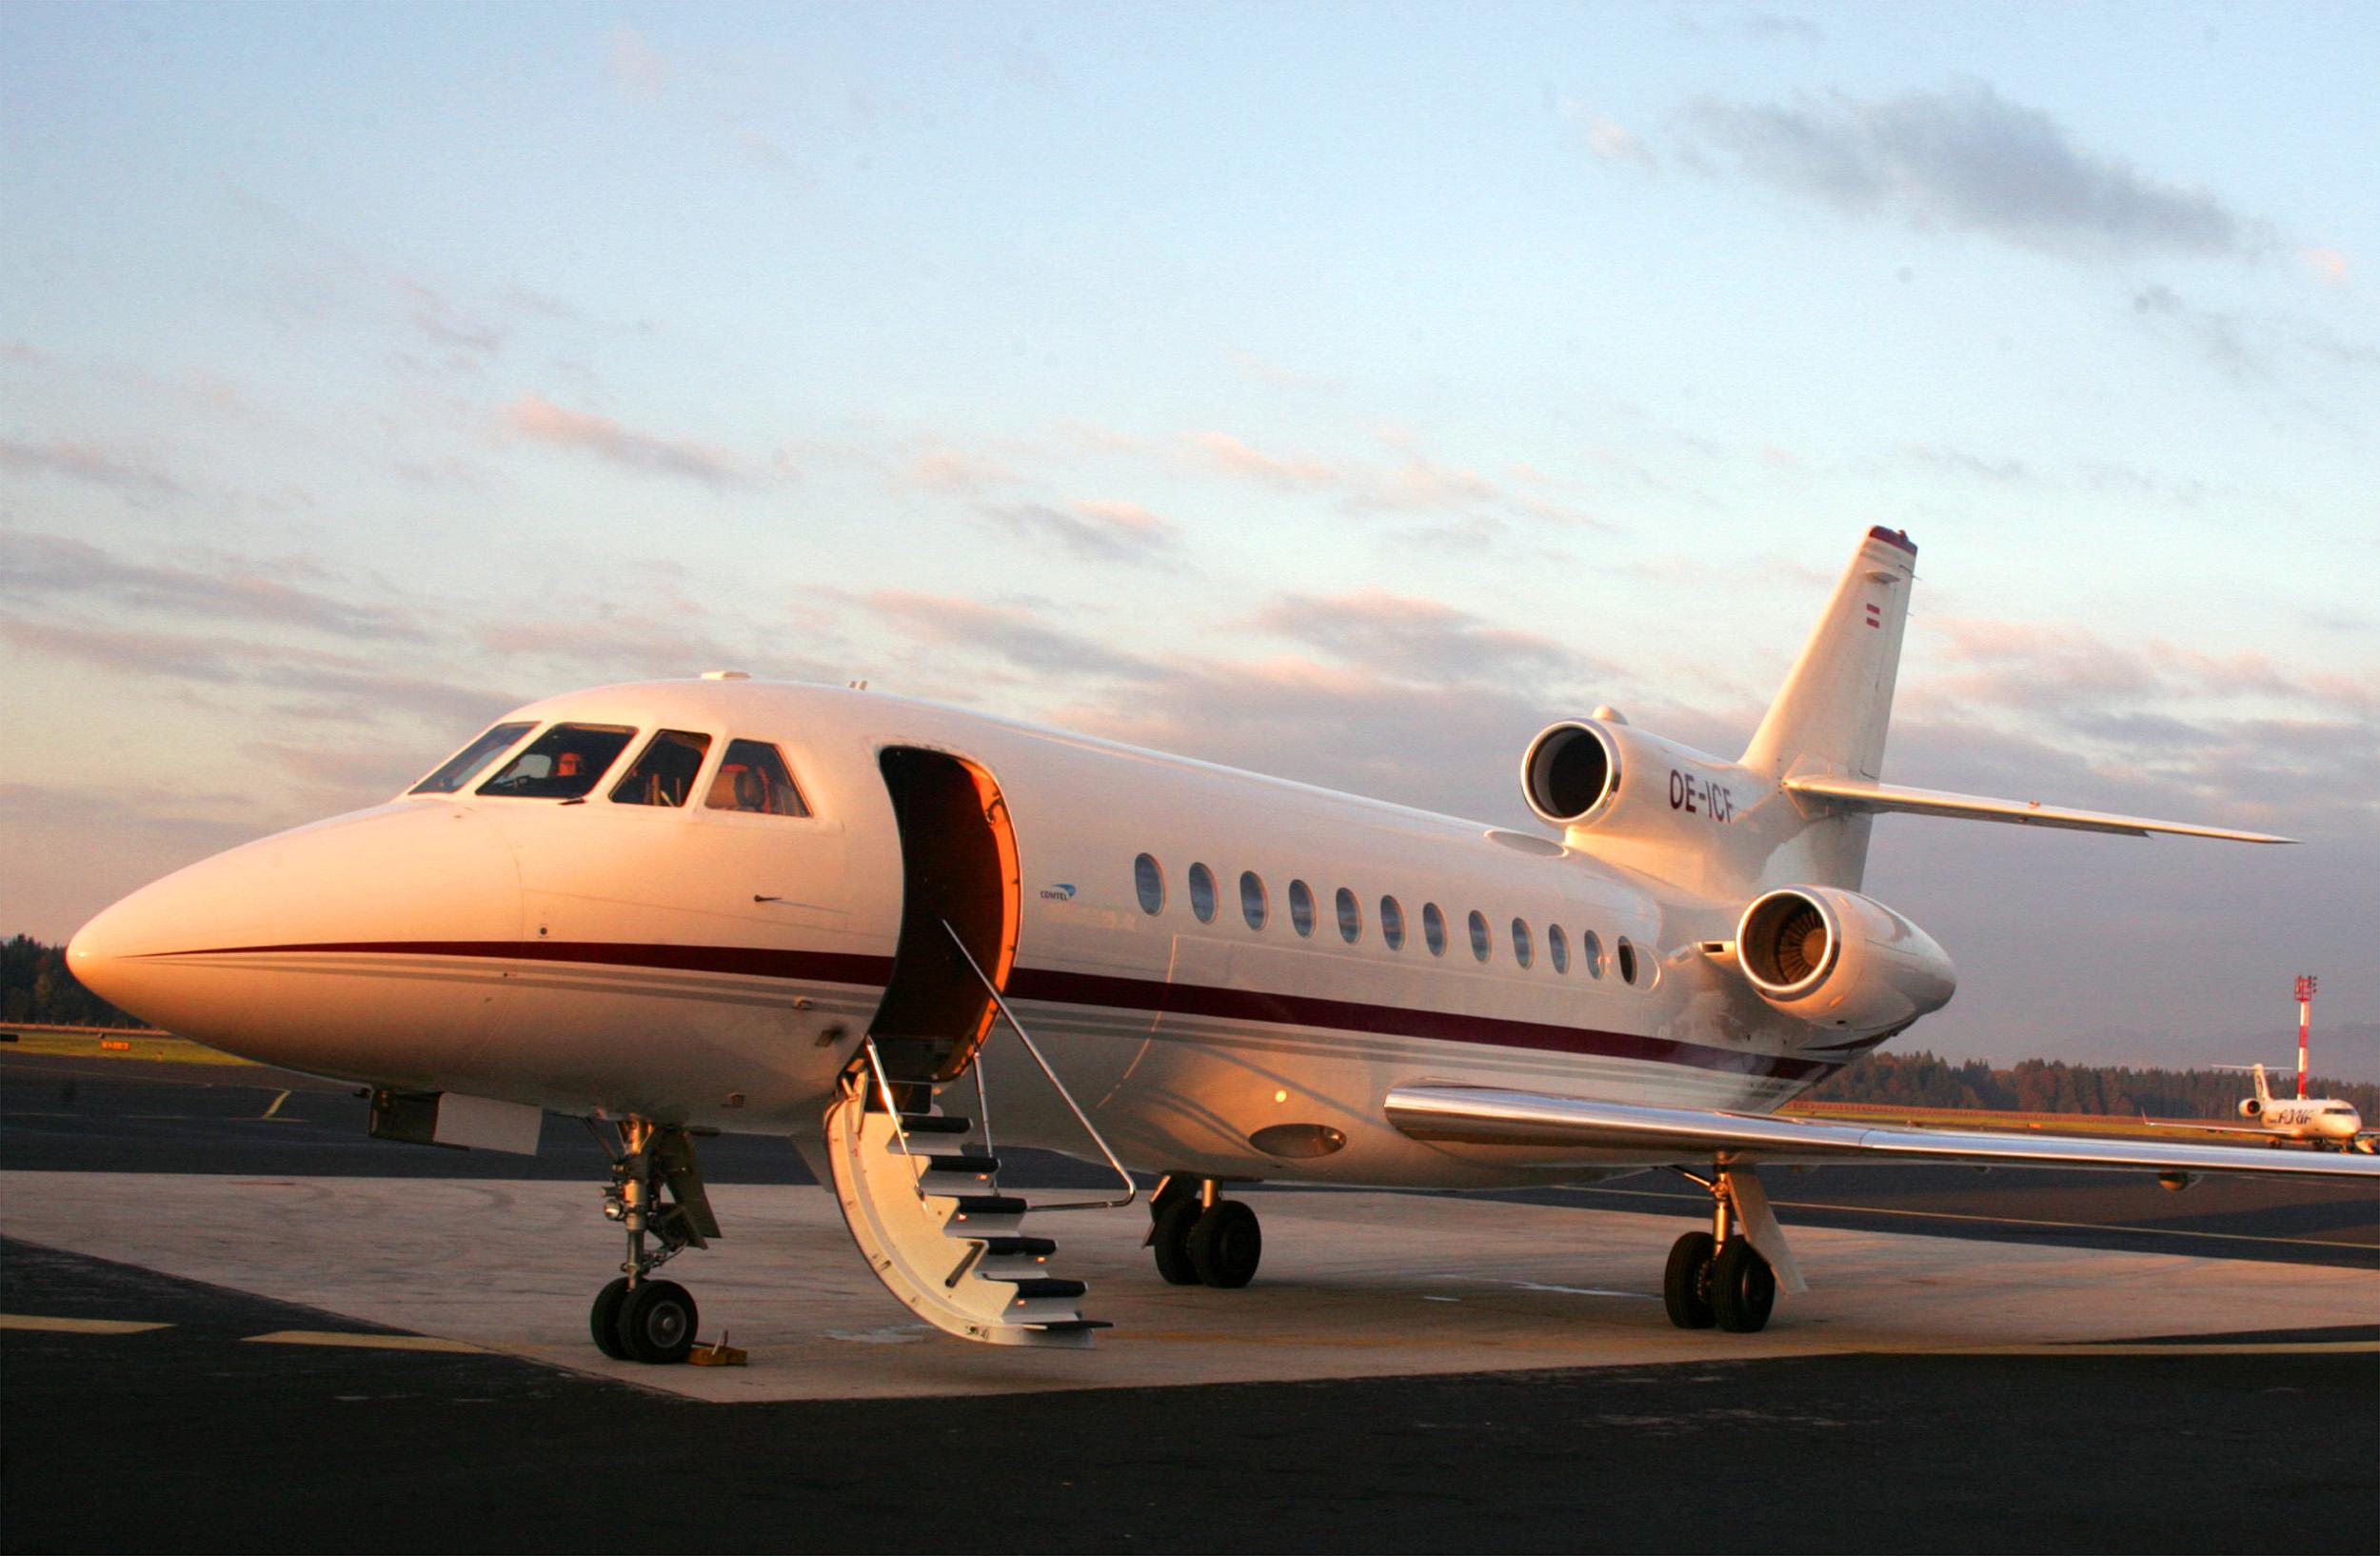 Empresa Jet Leatse ofrece renta de aviones a AMLO